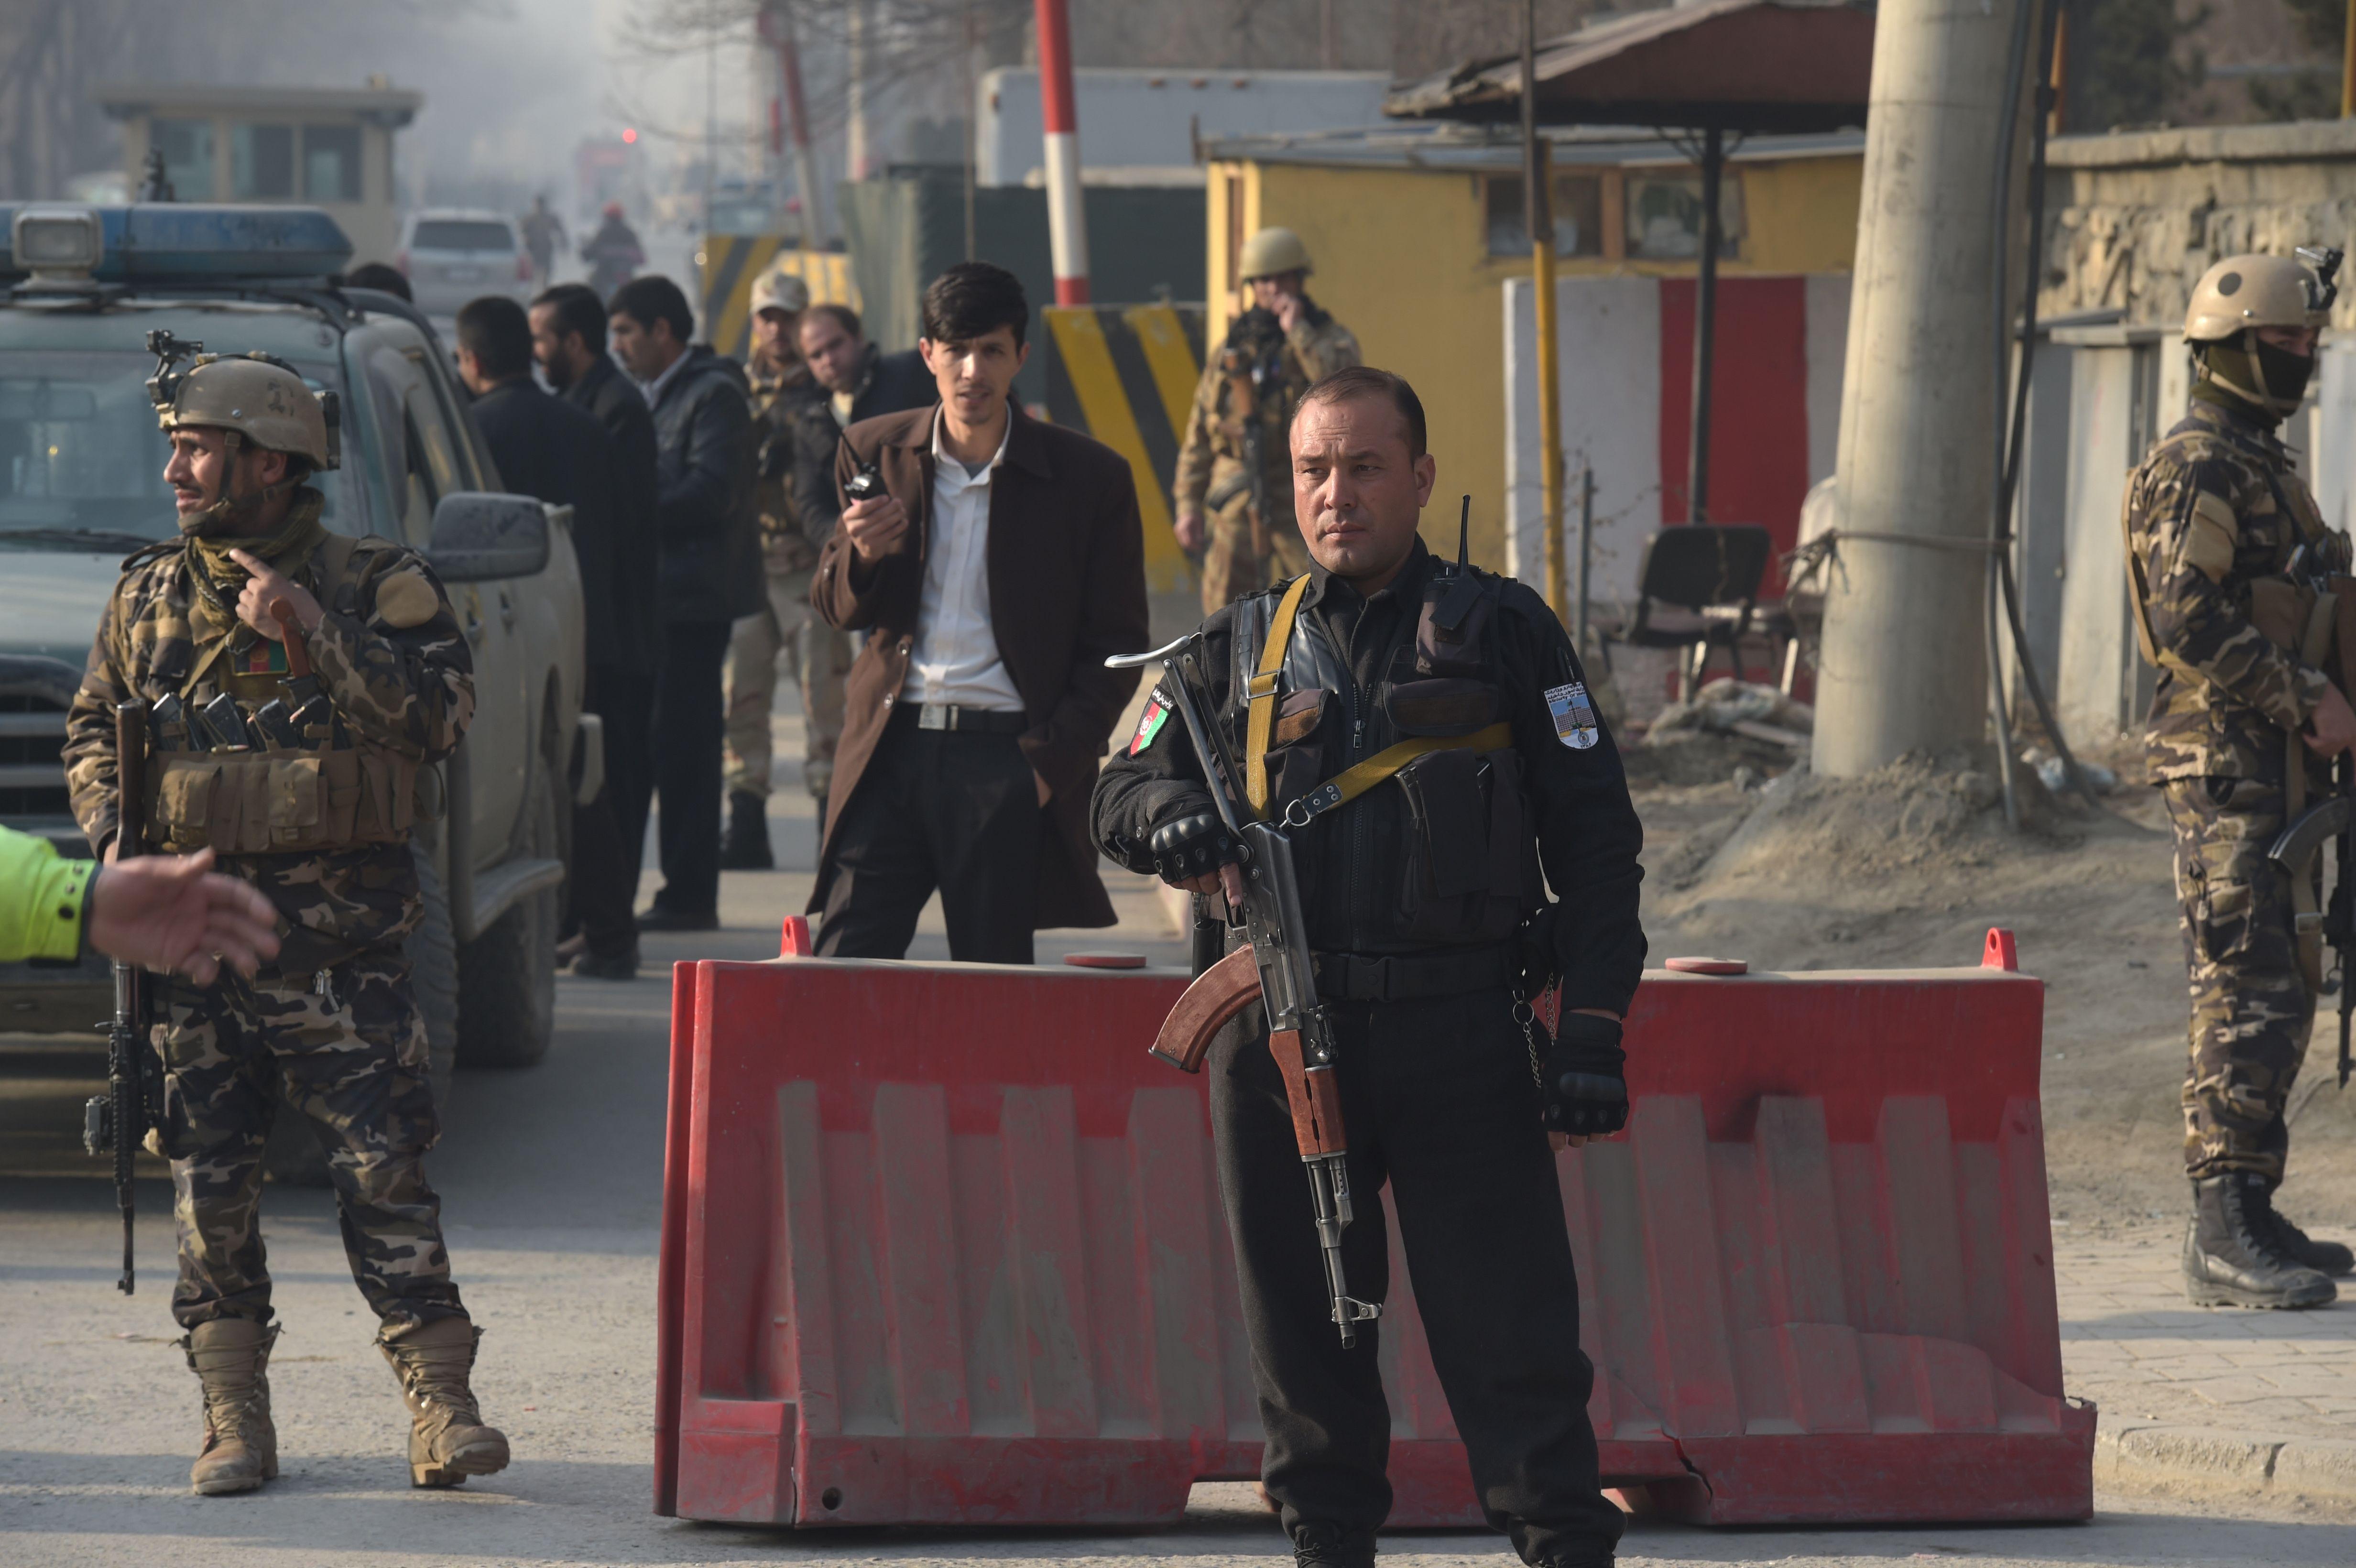 انتشار قوات الأمن الأفغانى بمحيط الانفجار وبمحيط مكتب المخابرات